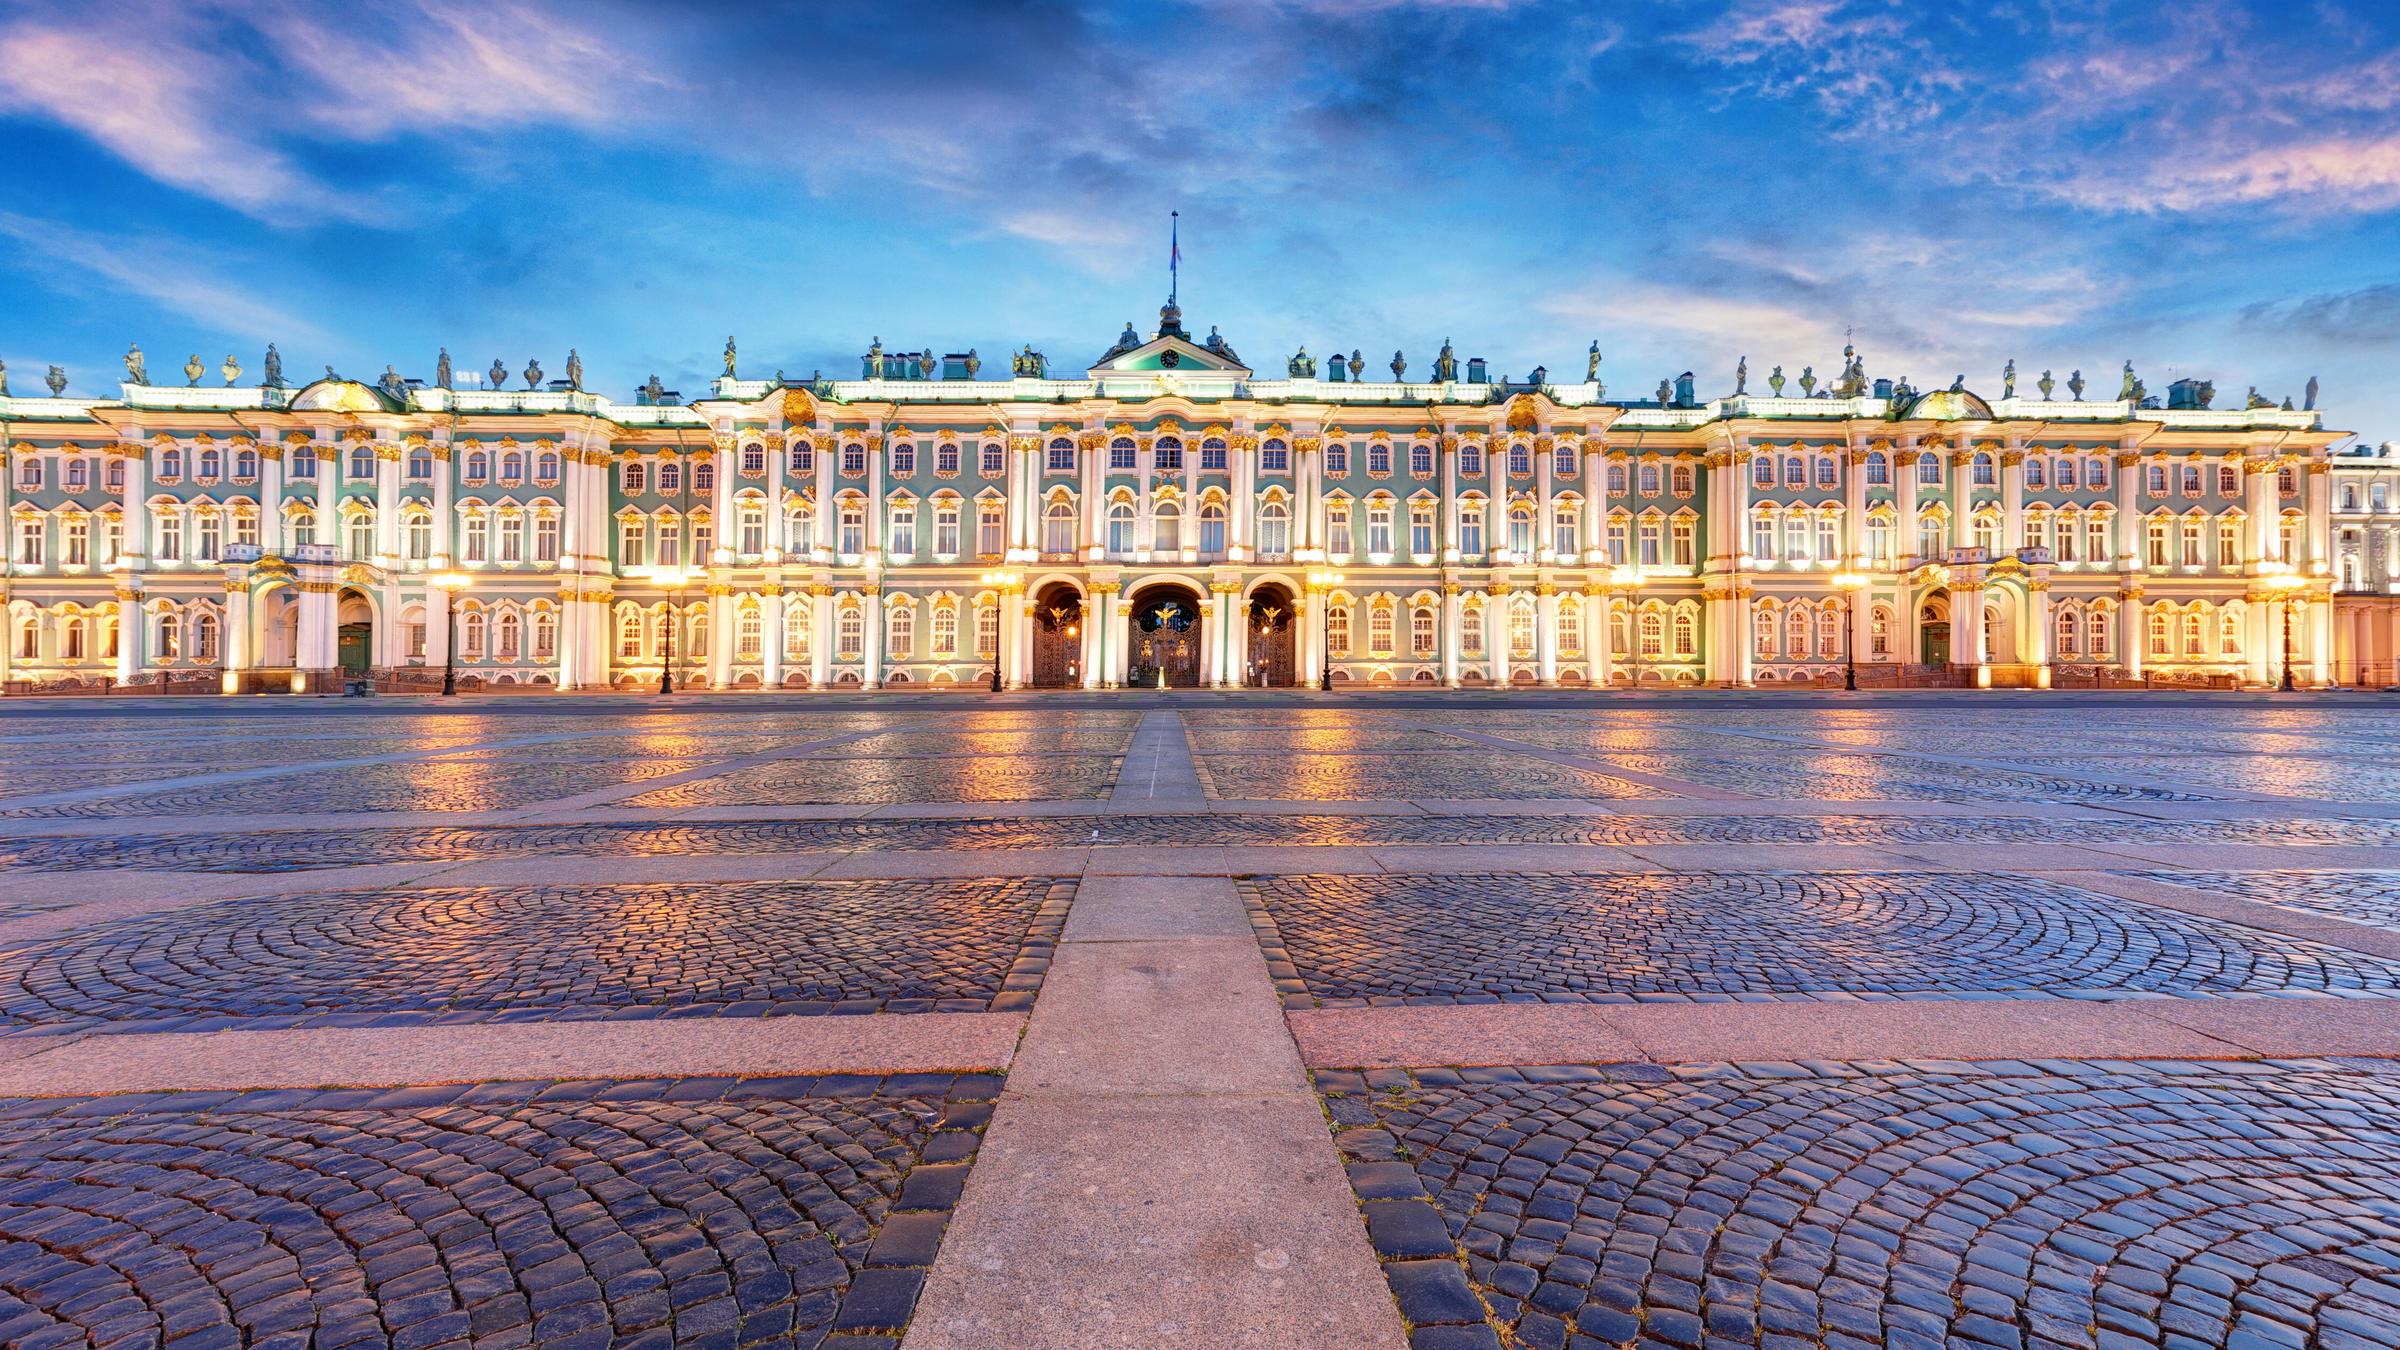 Эрмитаж в Санкт-Петербурге: цена билета, режим работы, фото